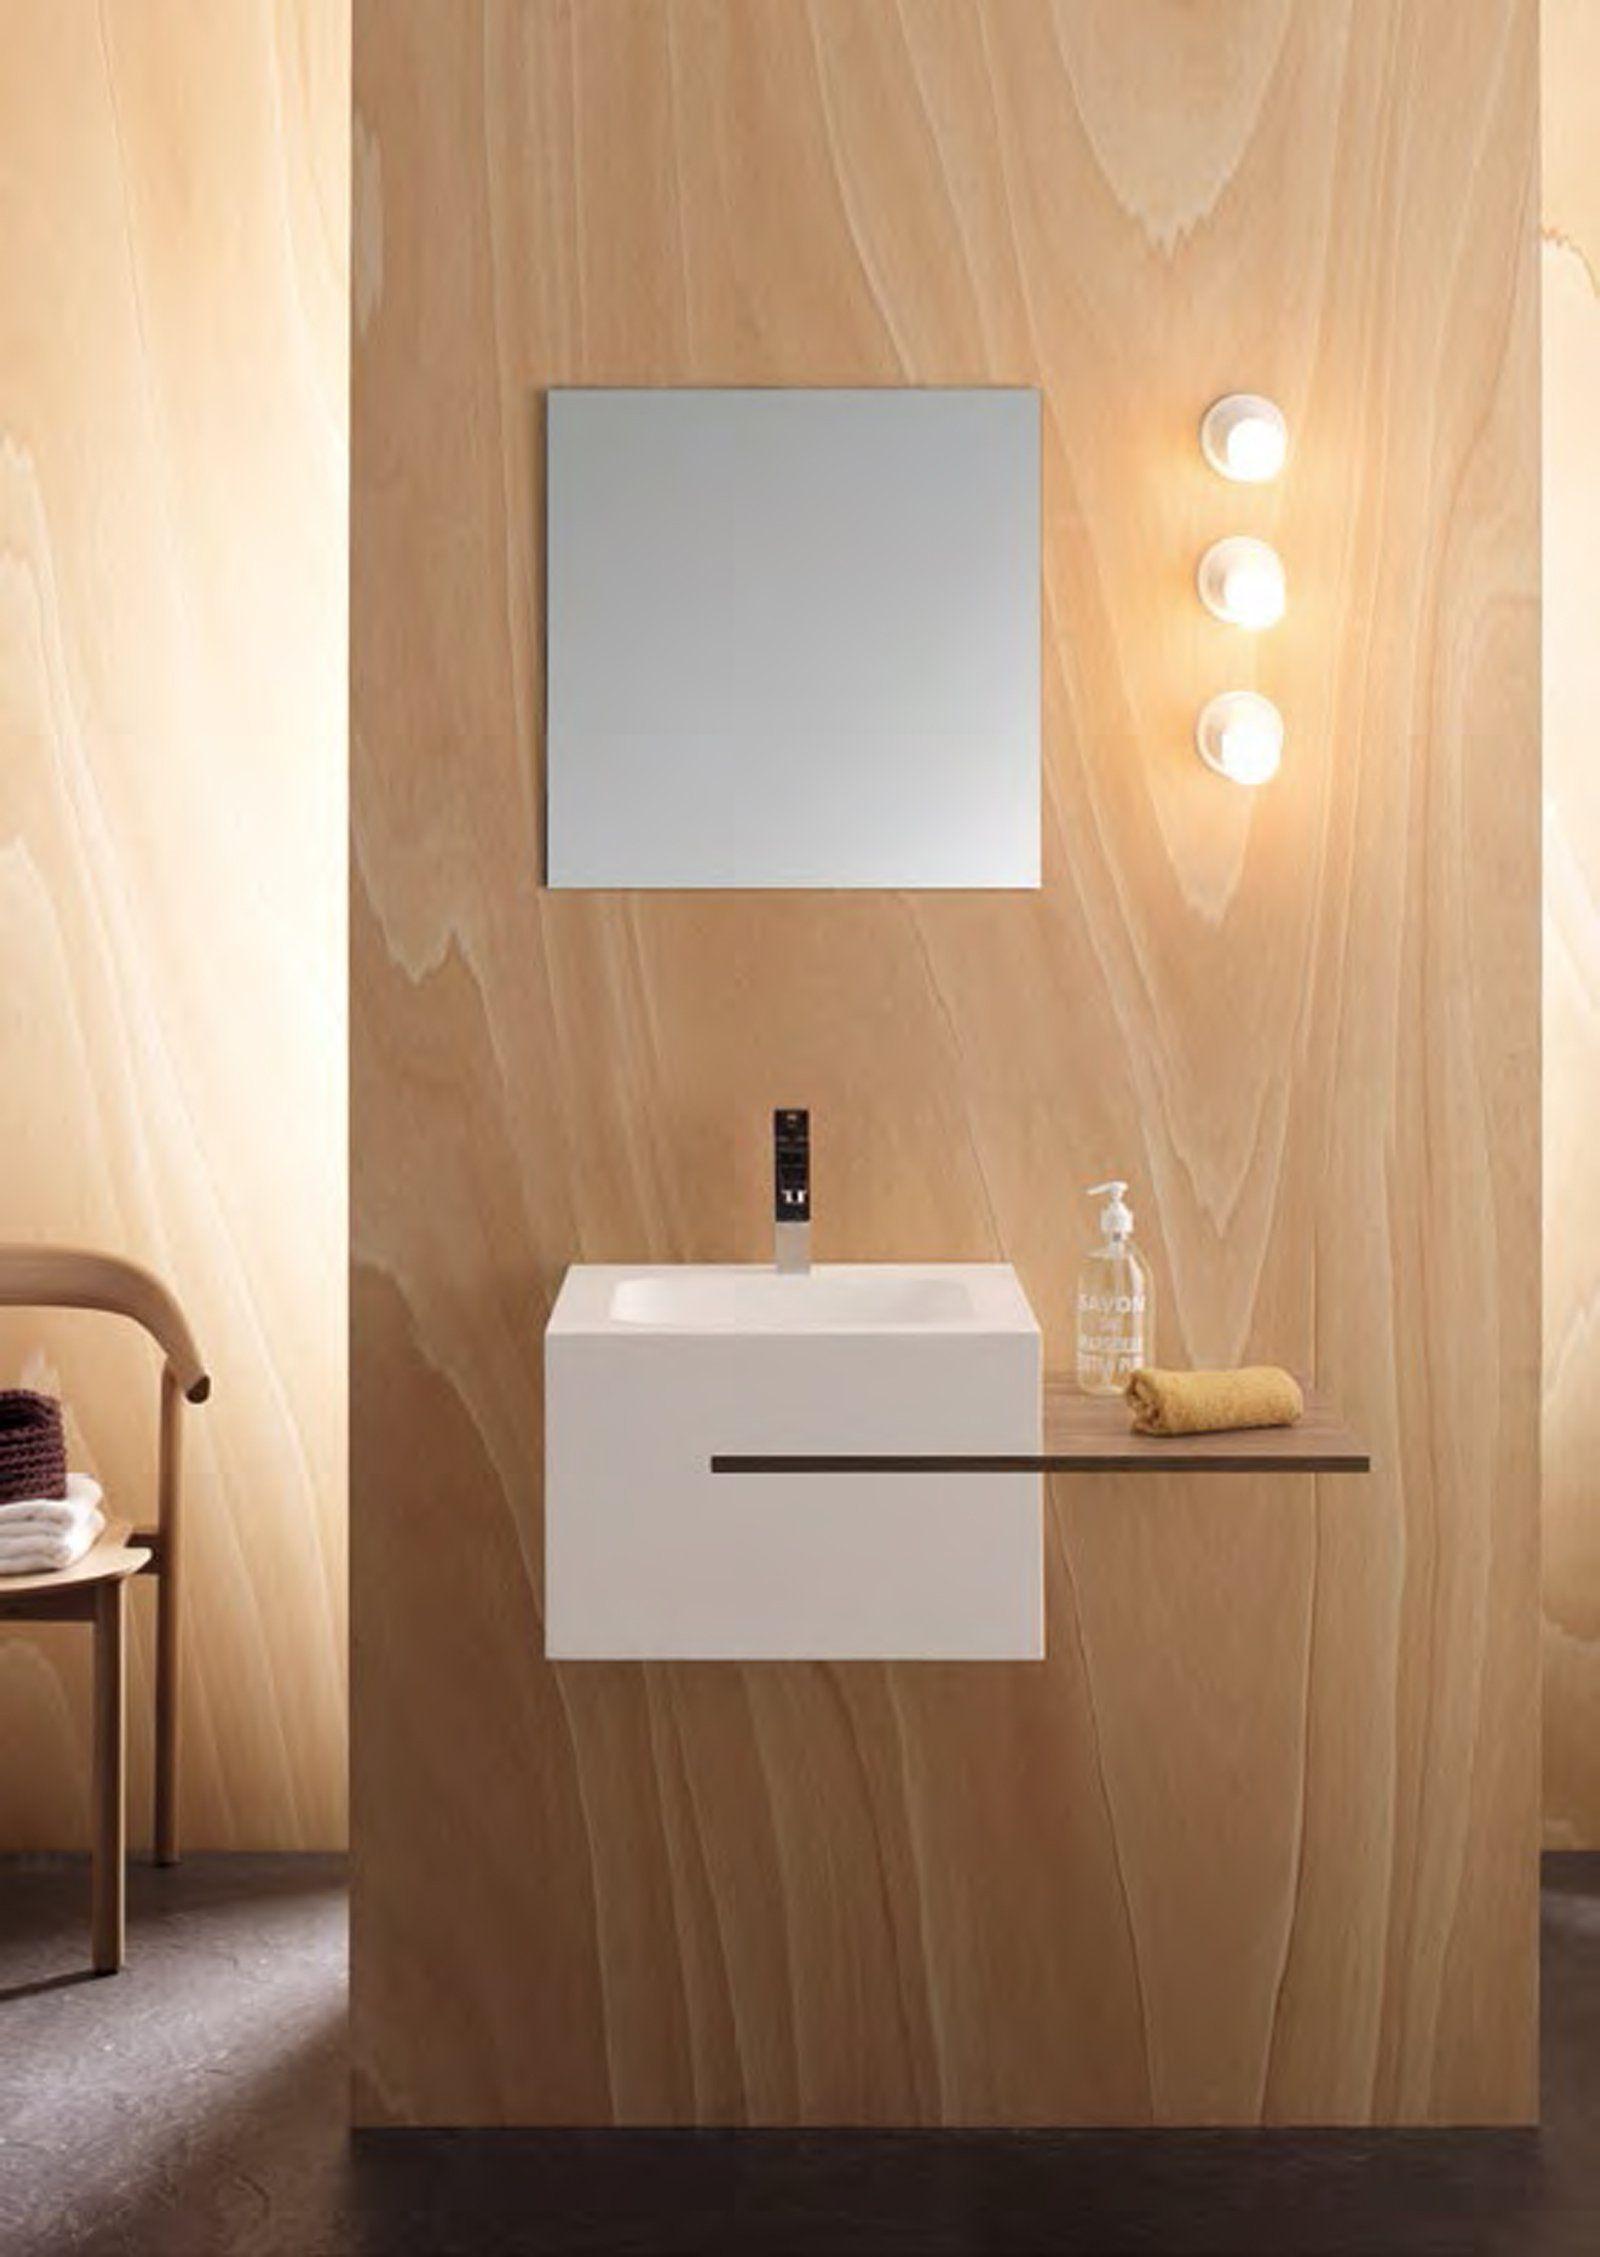 Mobili lavabo piccoli per risparmiare centimetri preziosi for Mobili piccoli bagno